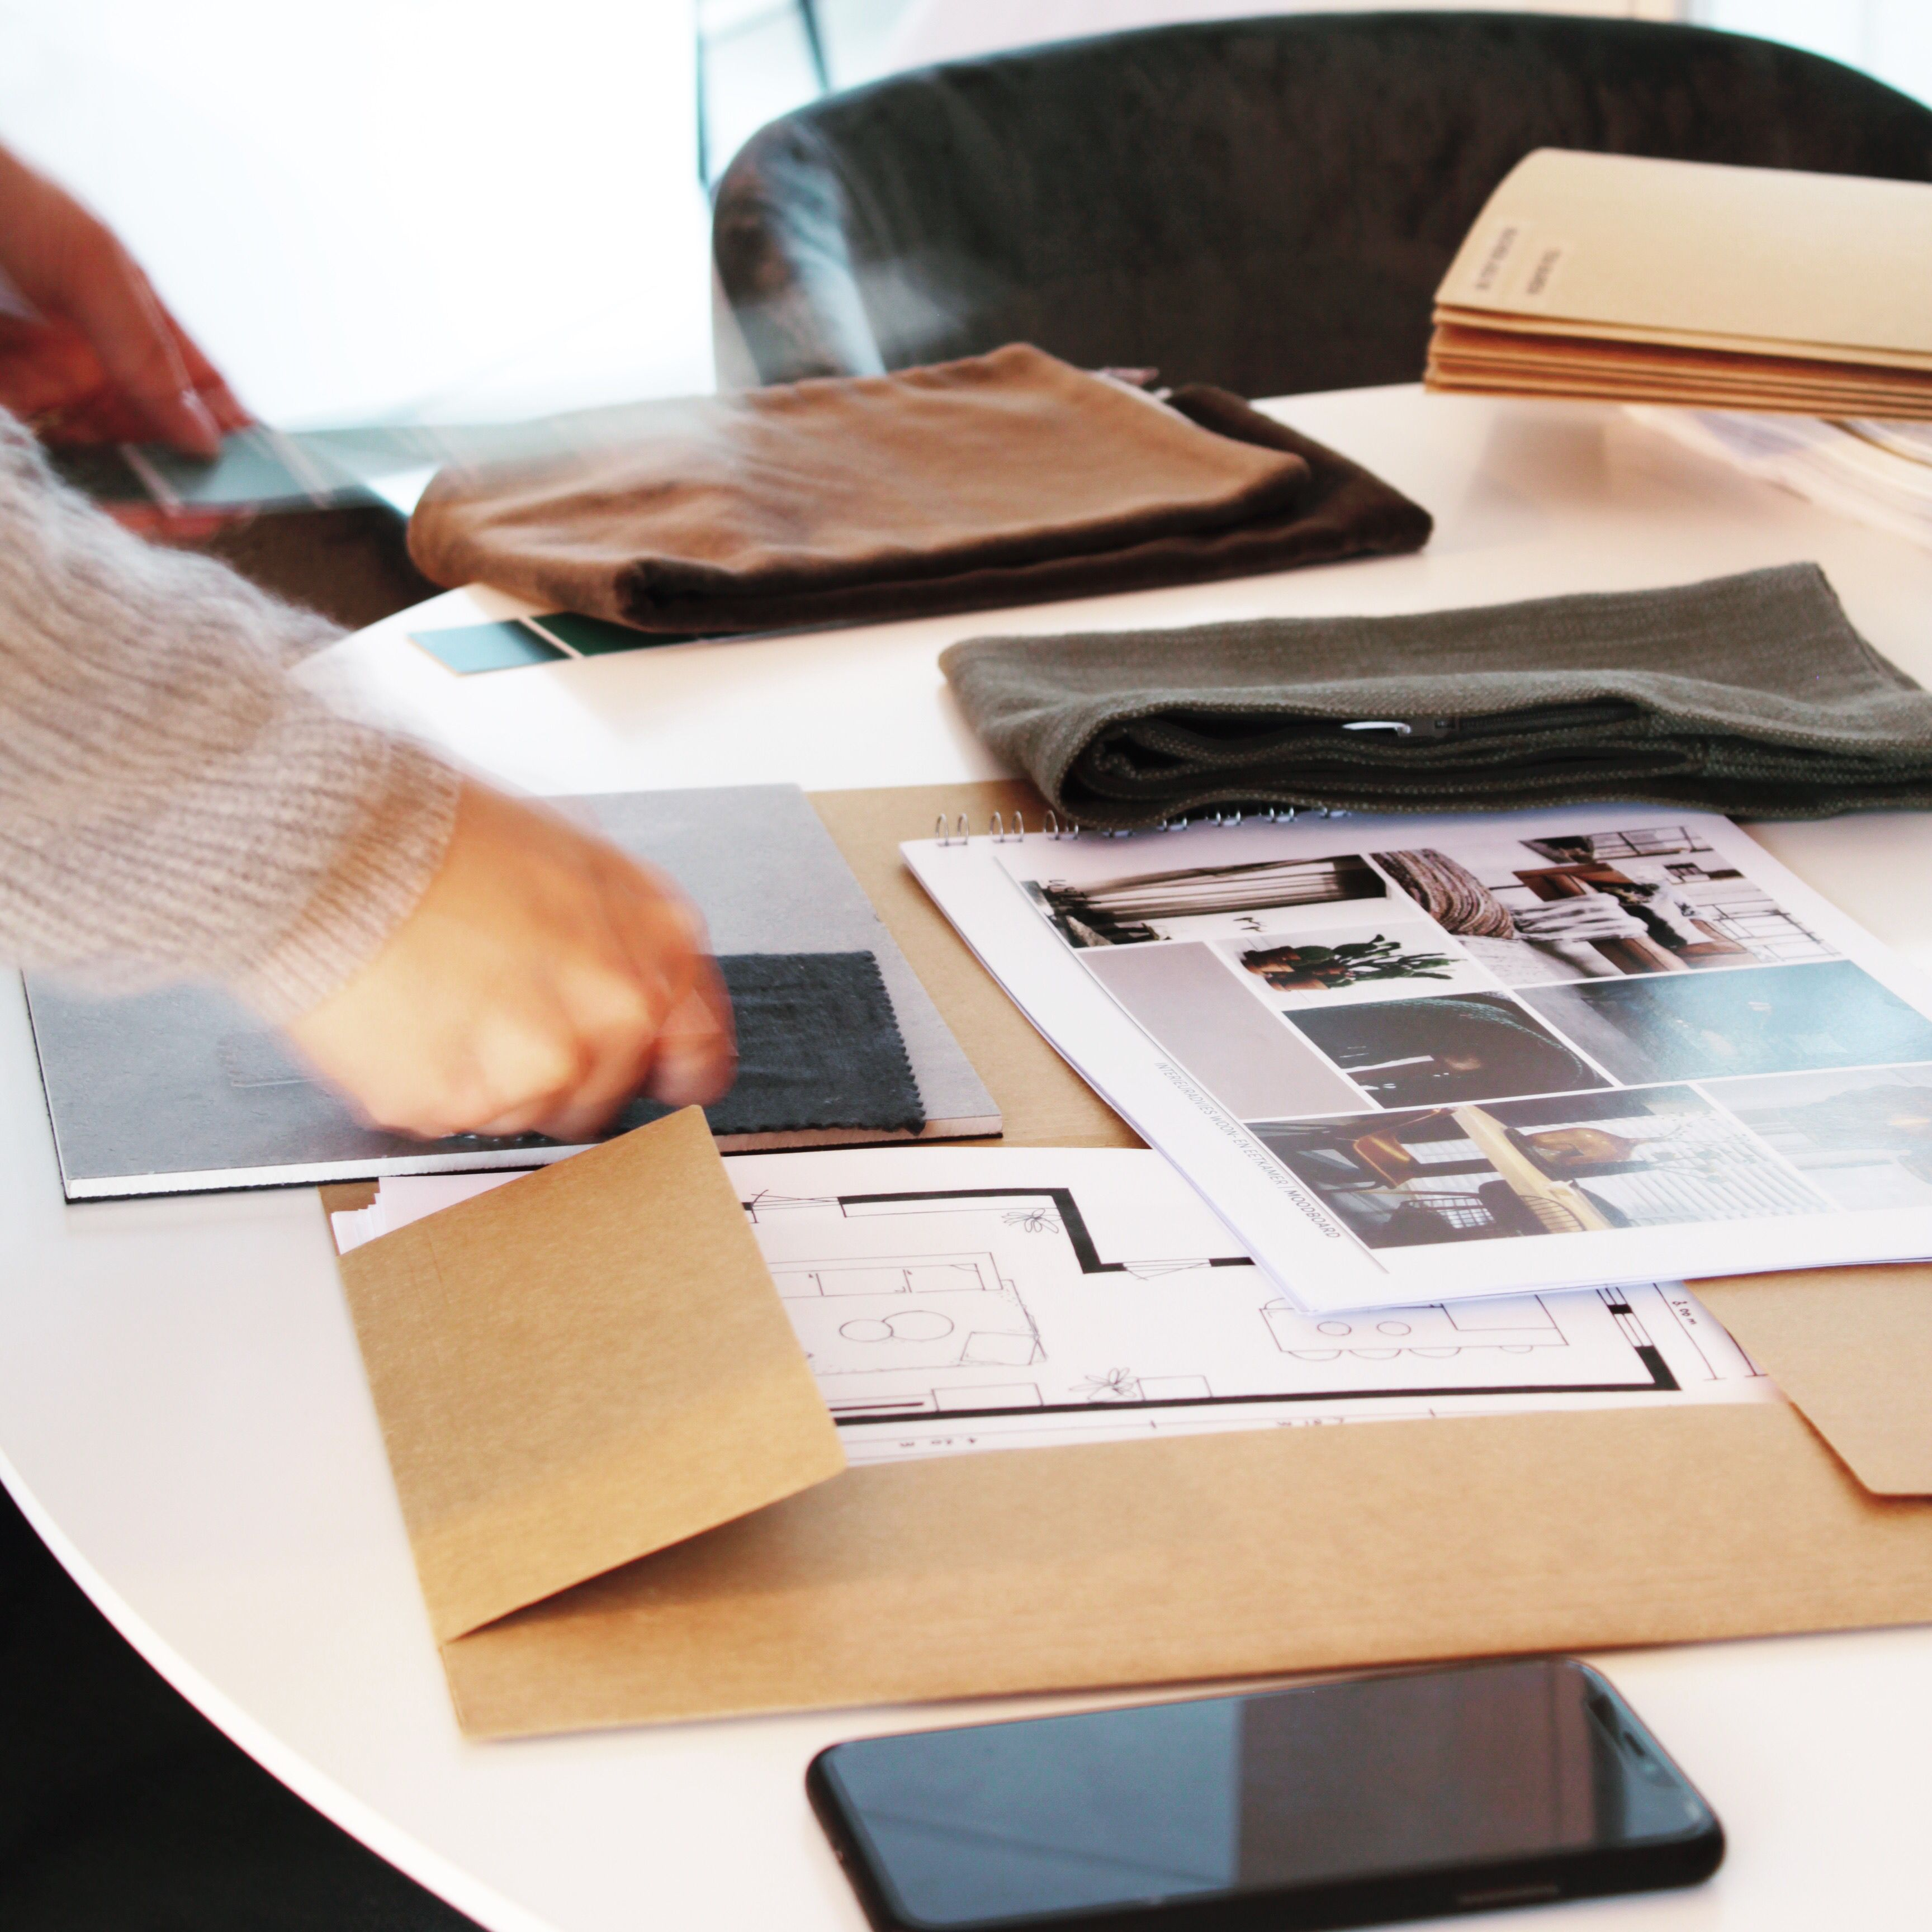 Kleuren en materialen verzamelen voor een interieuradvies